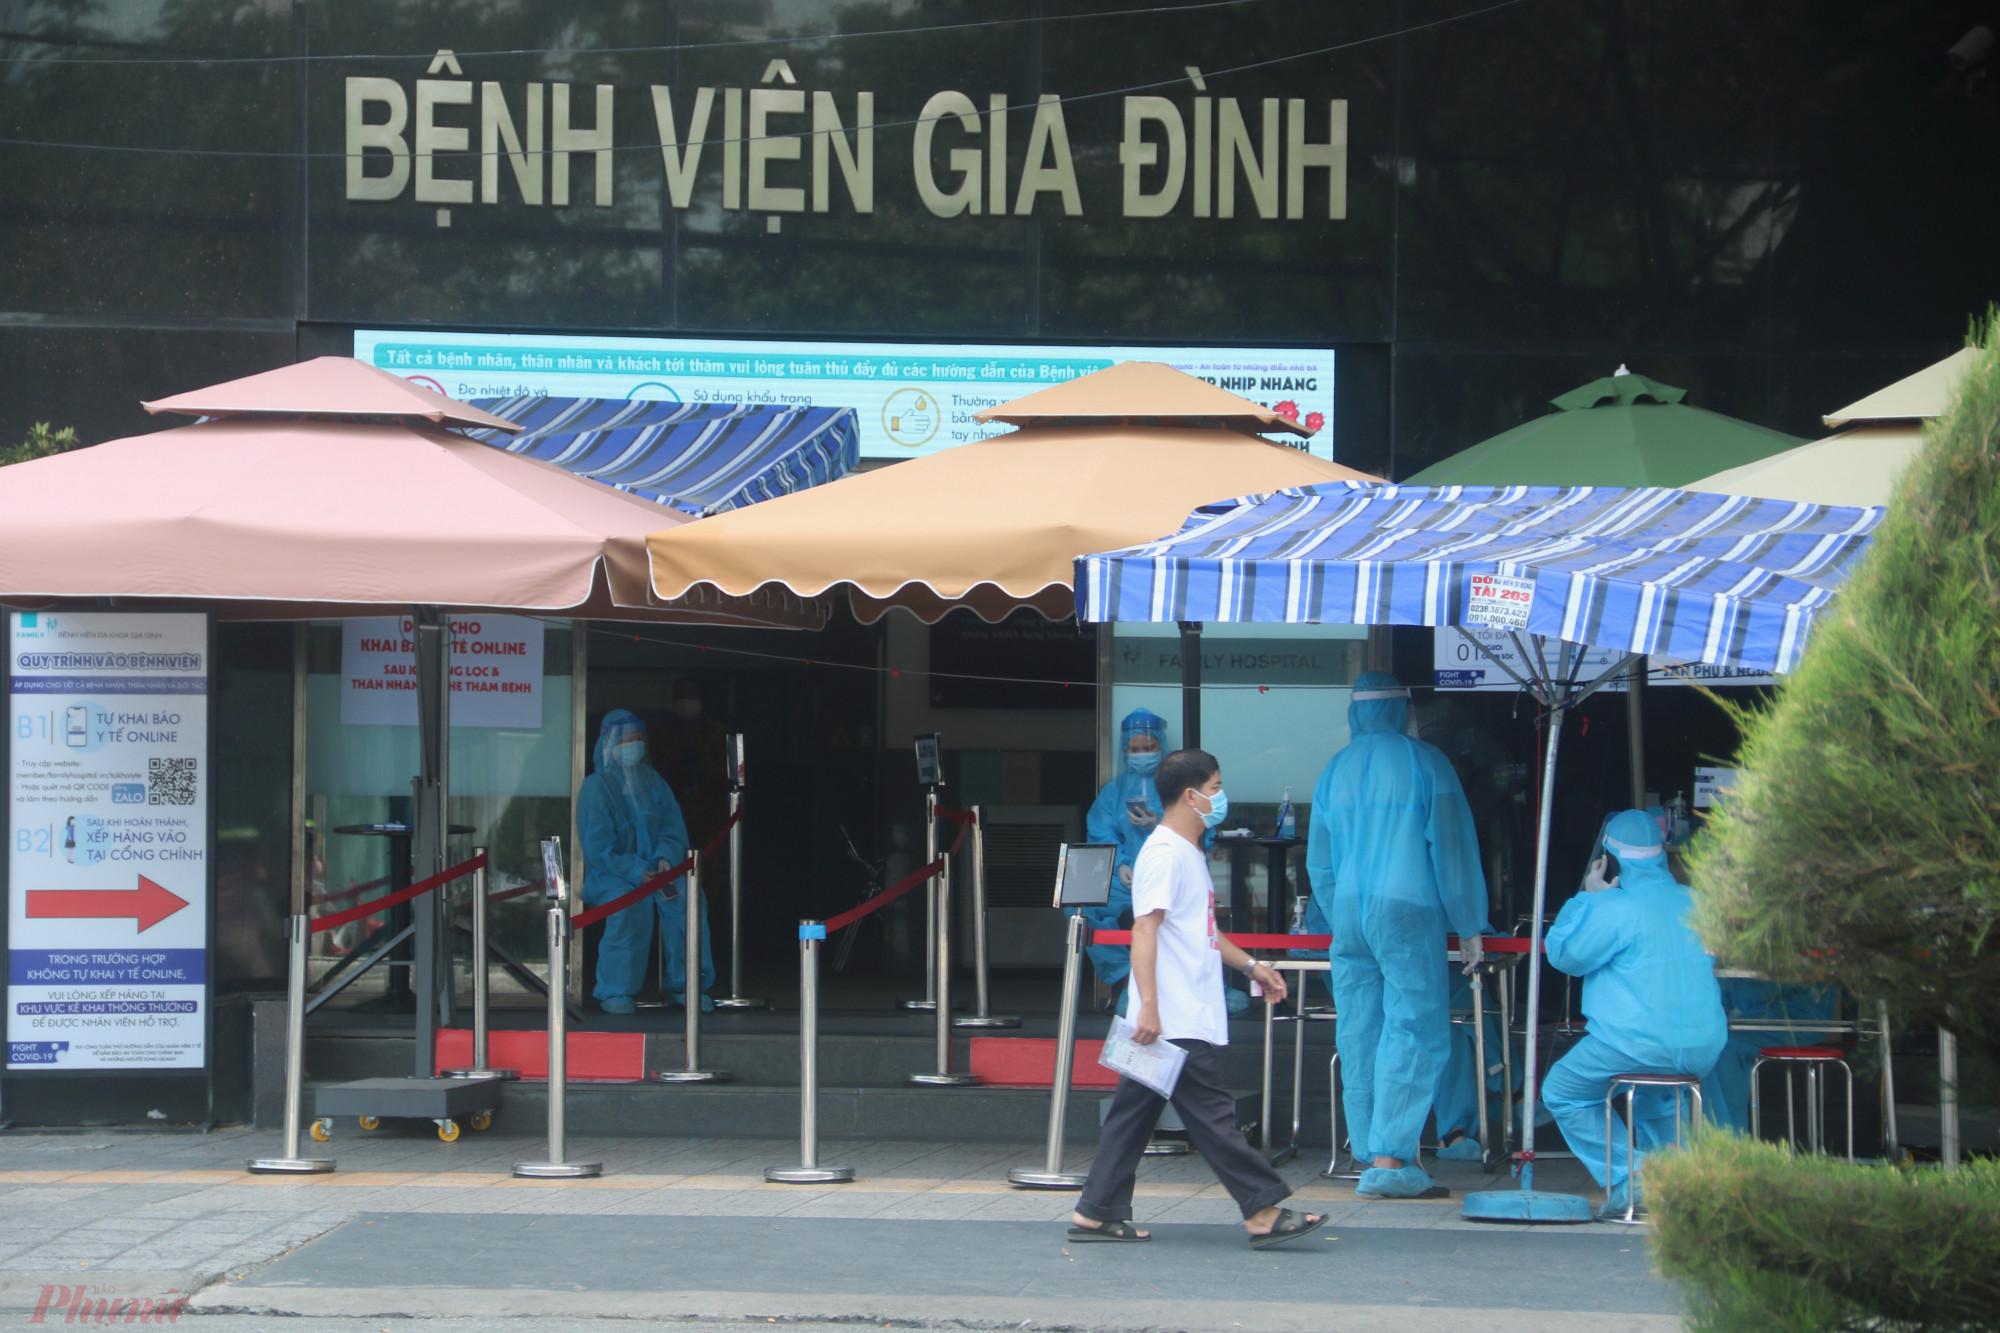 Bệnh viện Gia đình đã kích hoạt các biện pháp phòng dịch sau khi phát hiện ca dương tính SARS-CoV-2